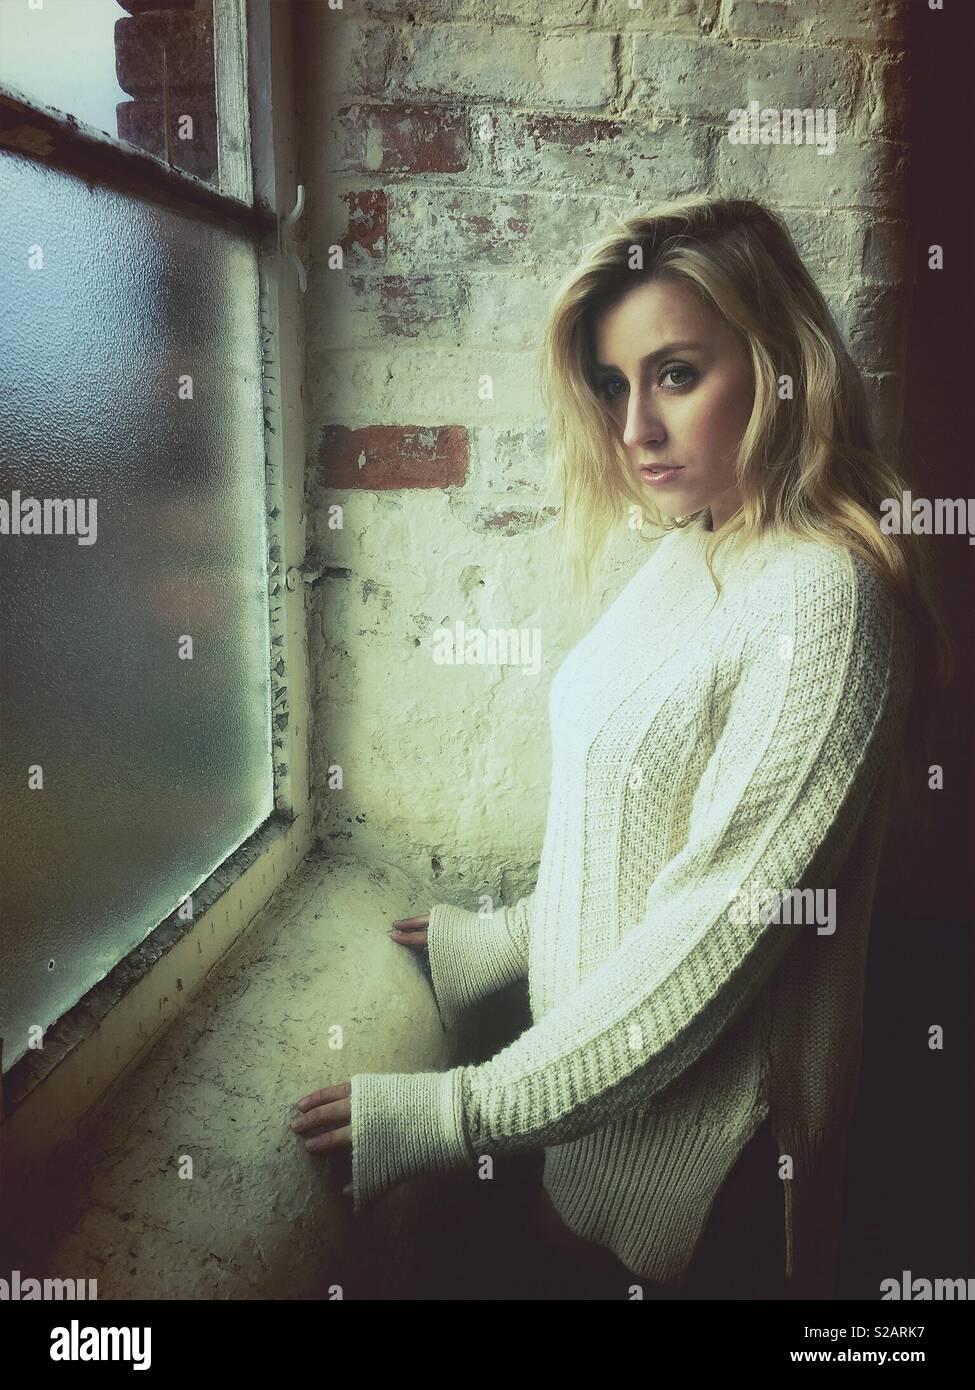 Schöne nachdenkliche blonde Frau Blick aus Fenster Stockbild